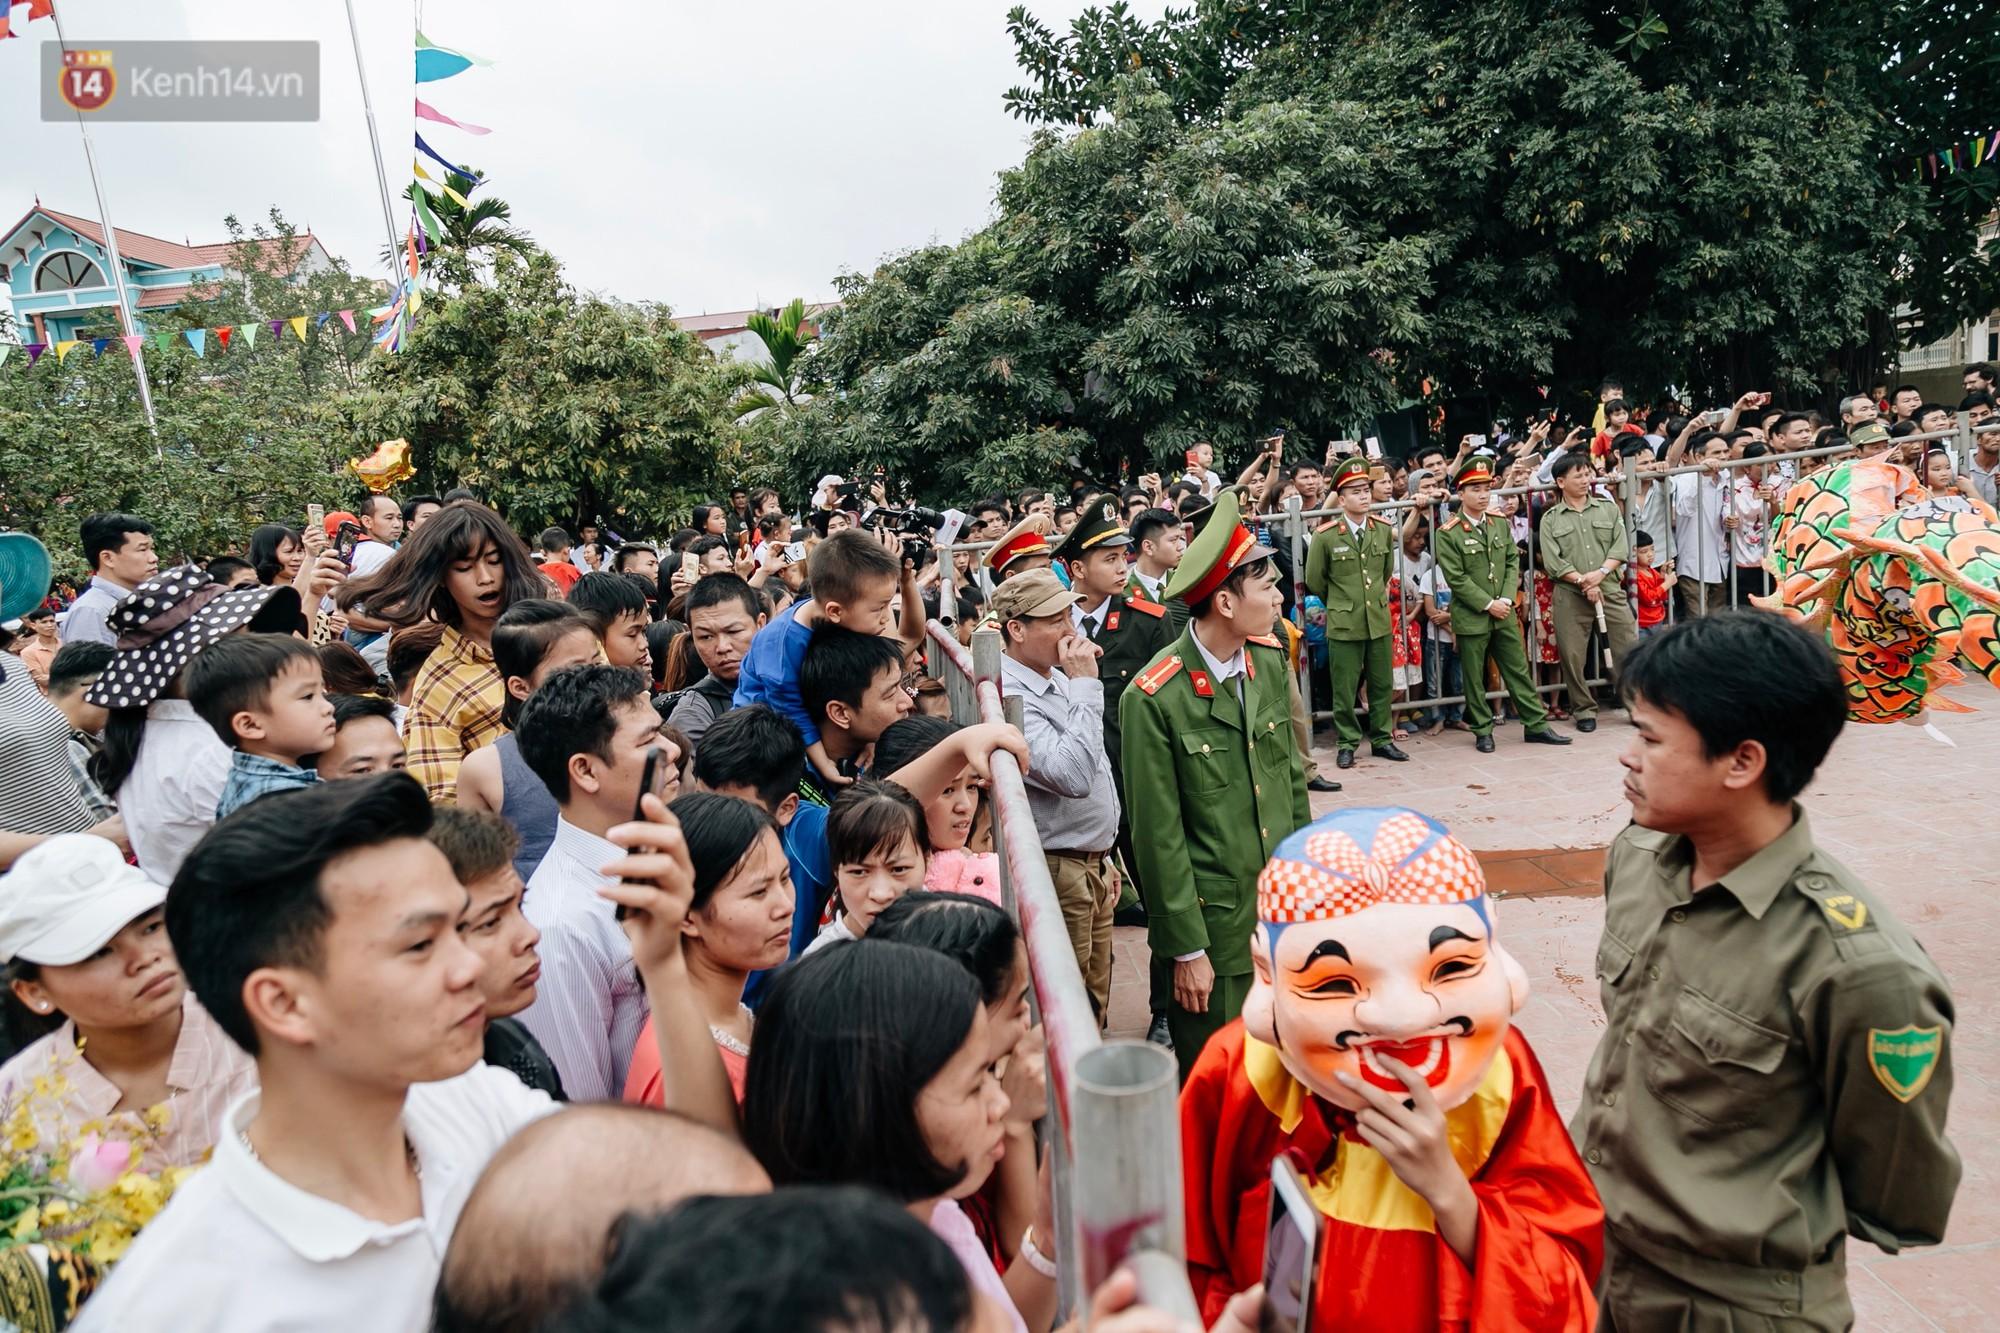 Ảnh, clip: Hàng trăm người dân tập trung chứng kiến nghi lễ chém lợn kín ngày đầu năm, máu 2 ông Ỉn chảy lênh láng - Ảnh 16.